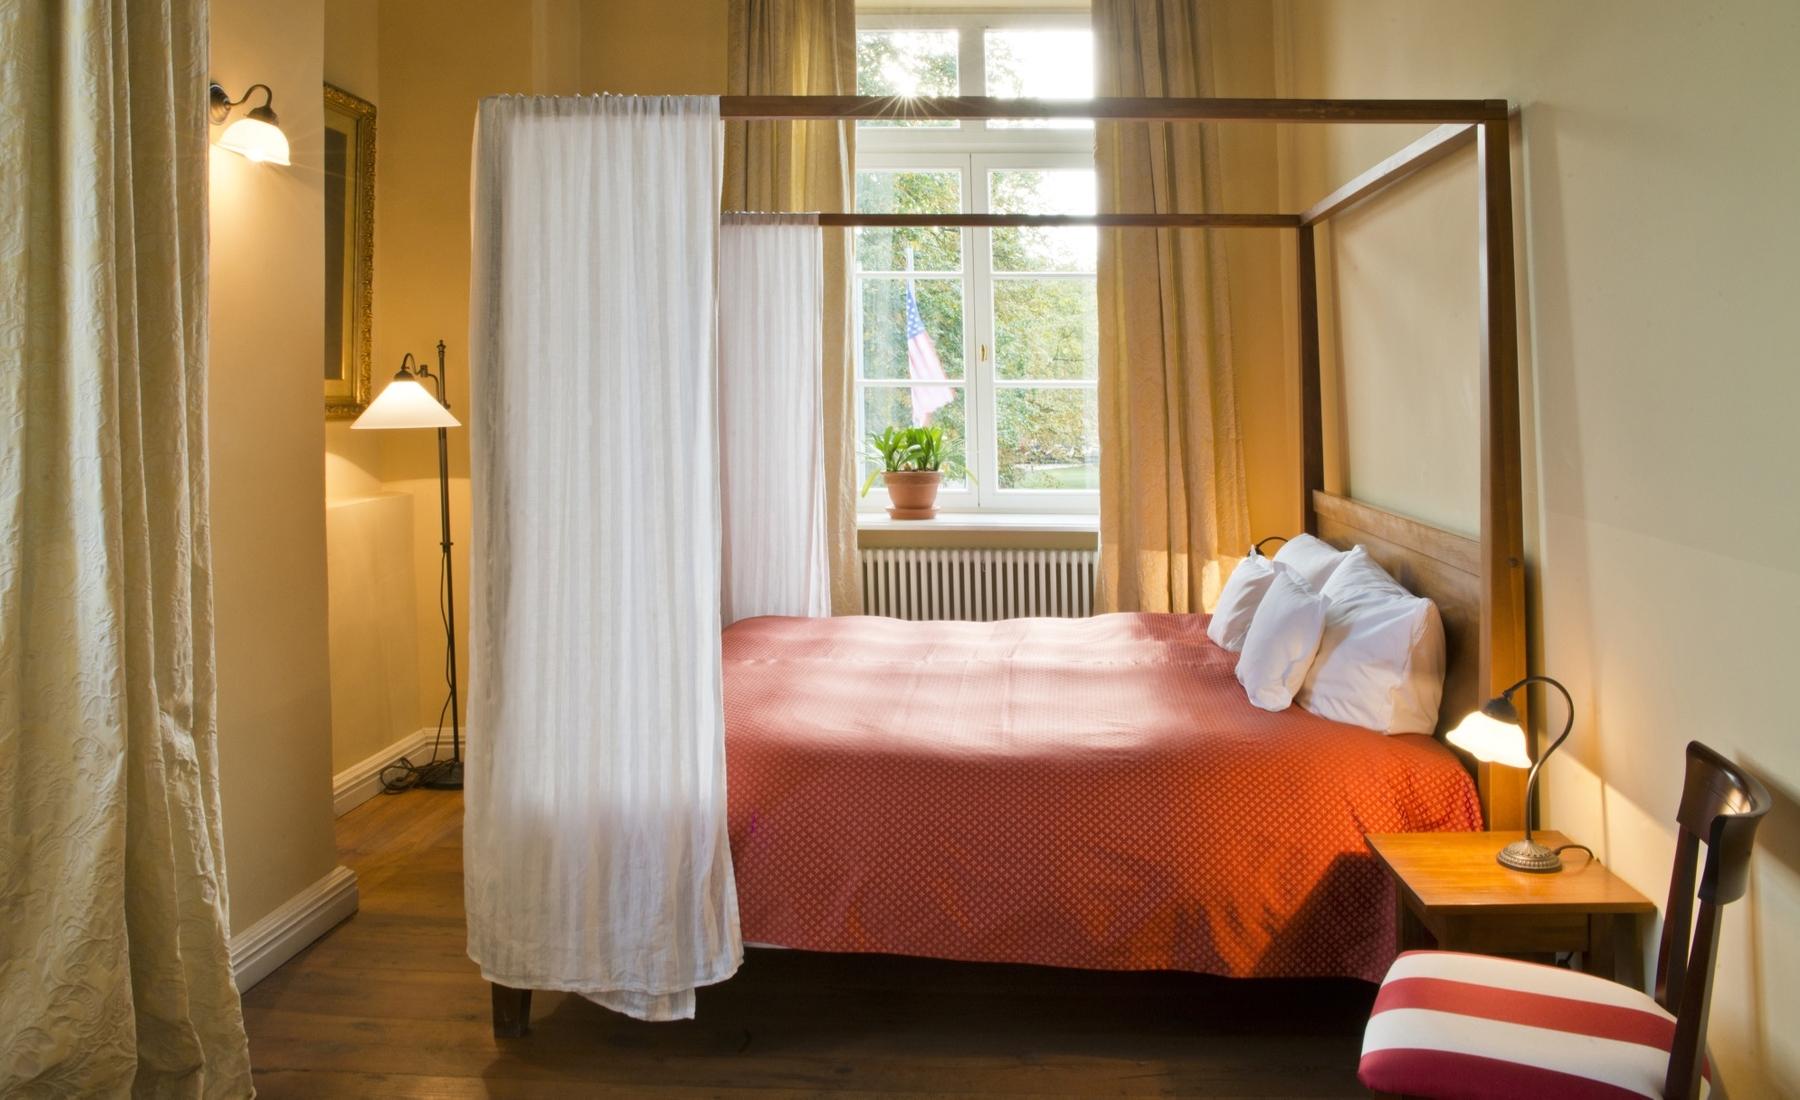 Herrenhaus 12 Jahrhundert Modernen Hotel ~ Die beste Sammlung von ...